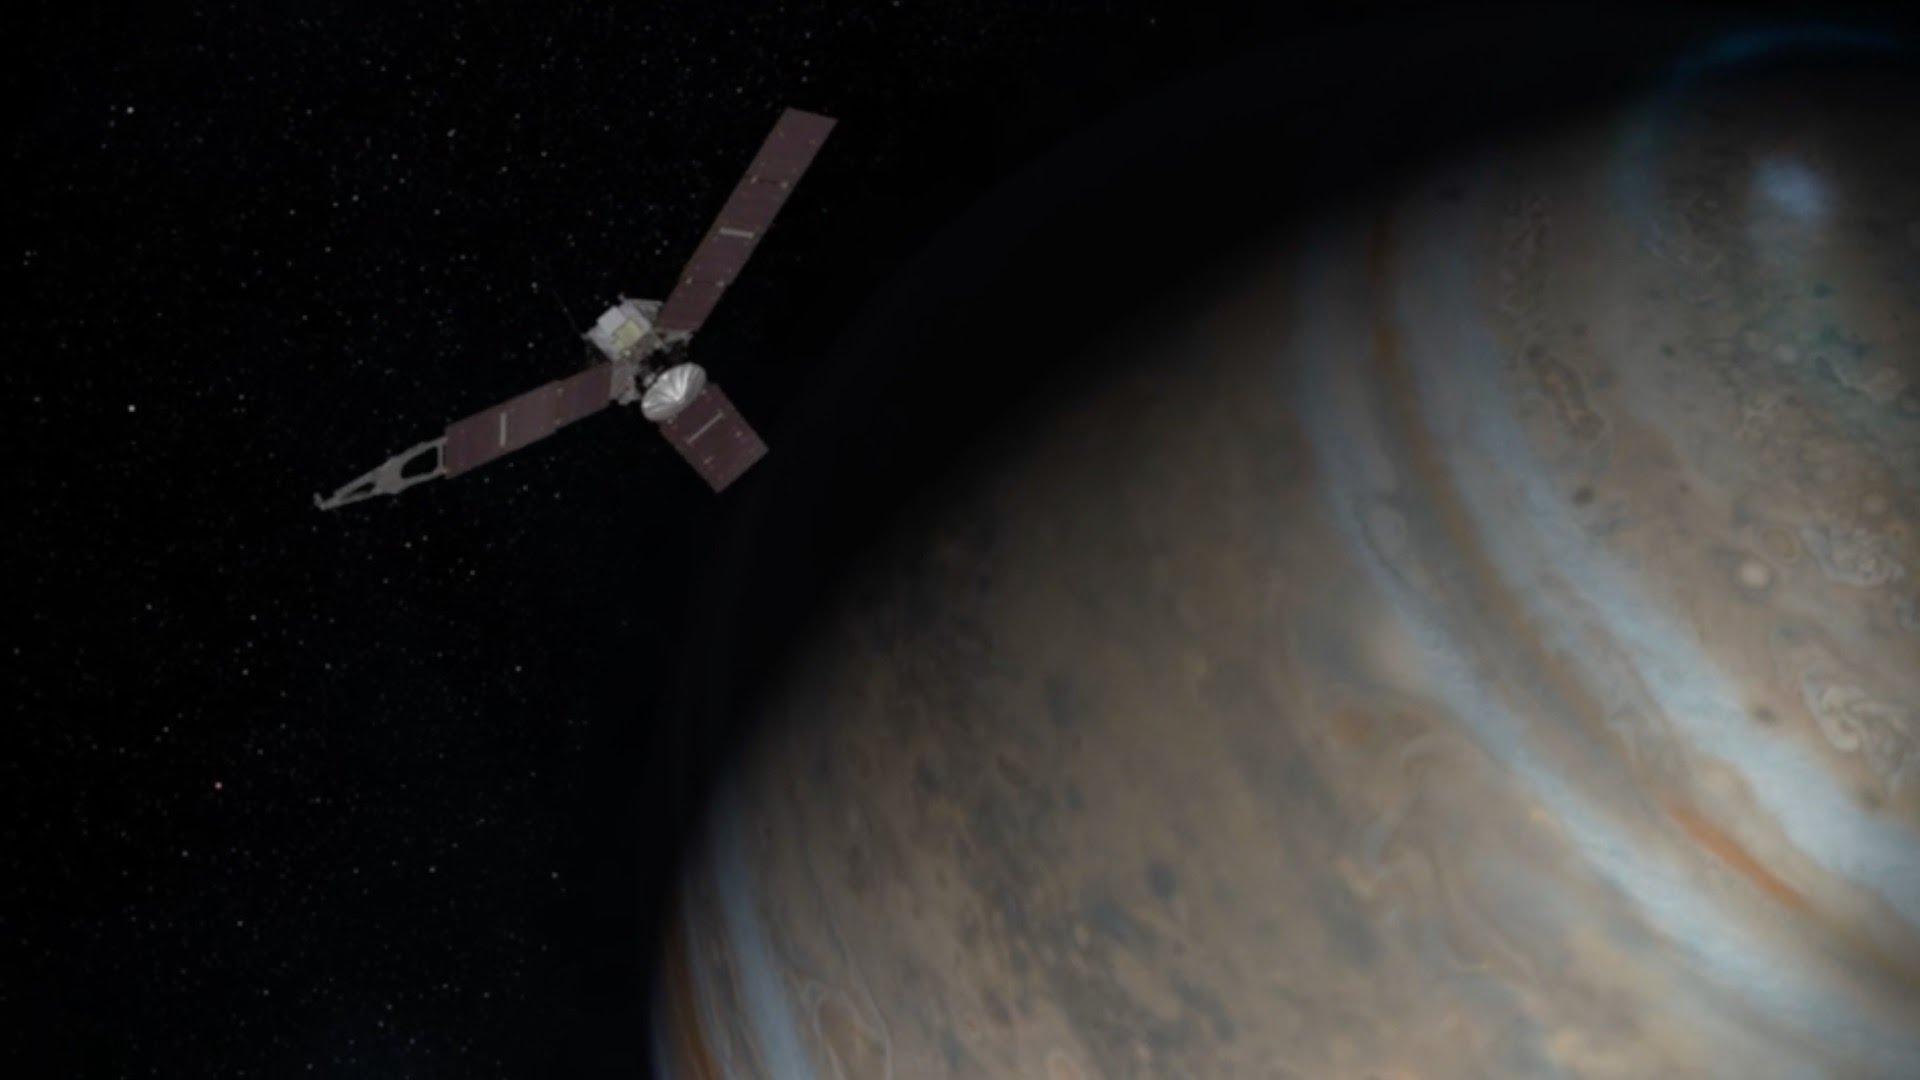 太空探索新里程:NASA 朱諾號抵達木星軌道